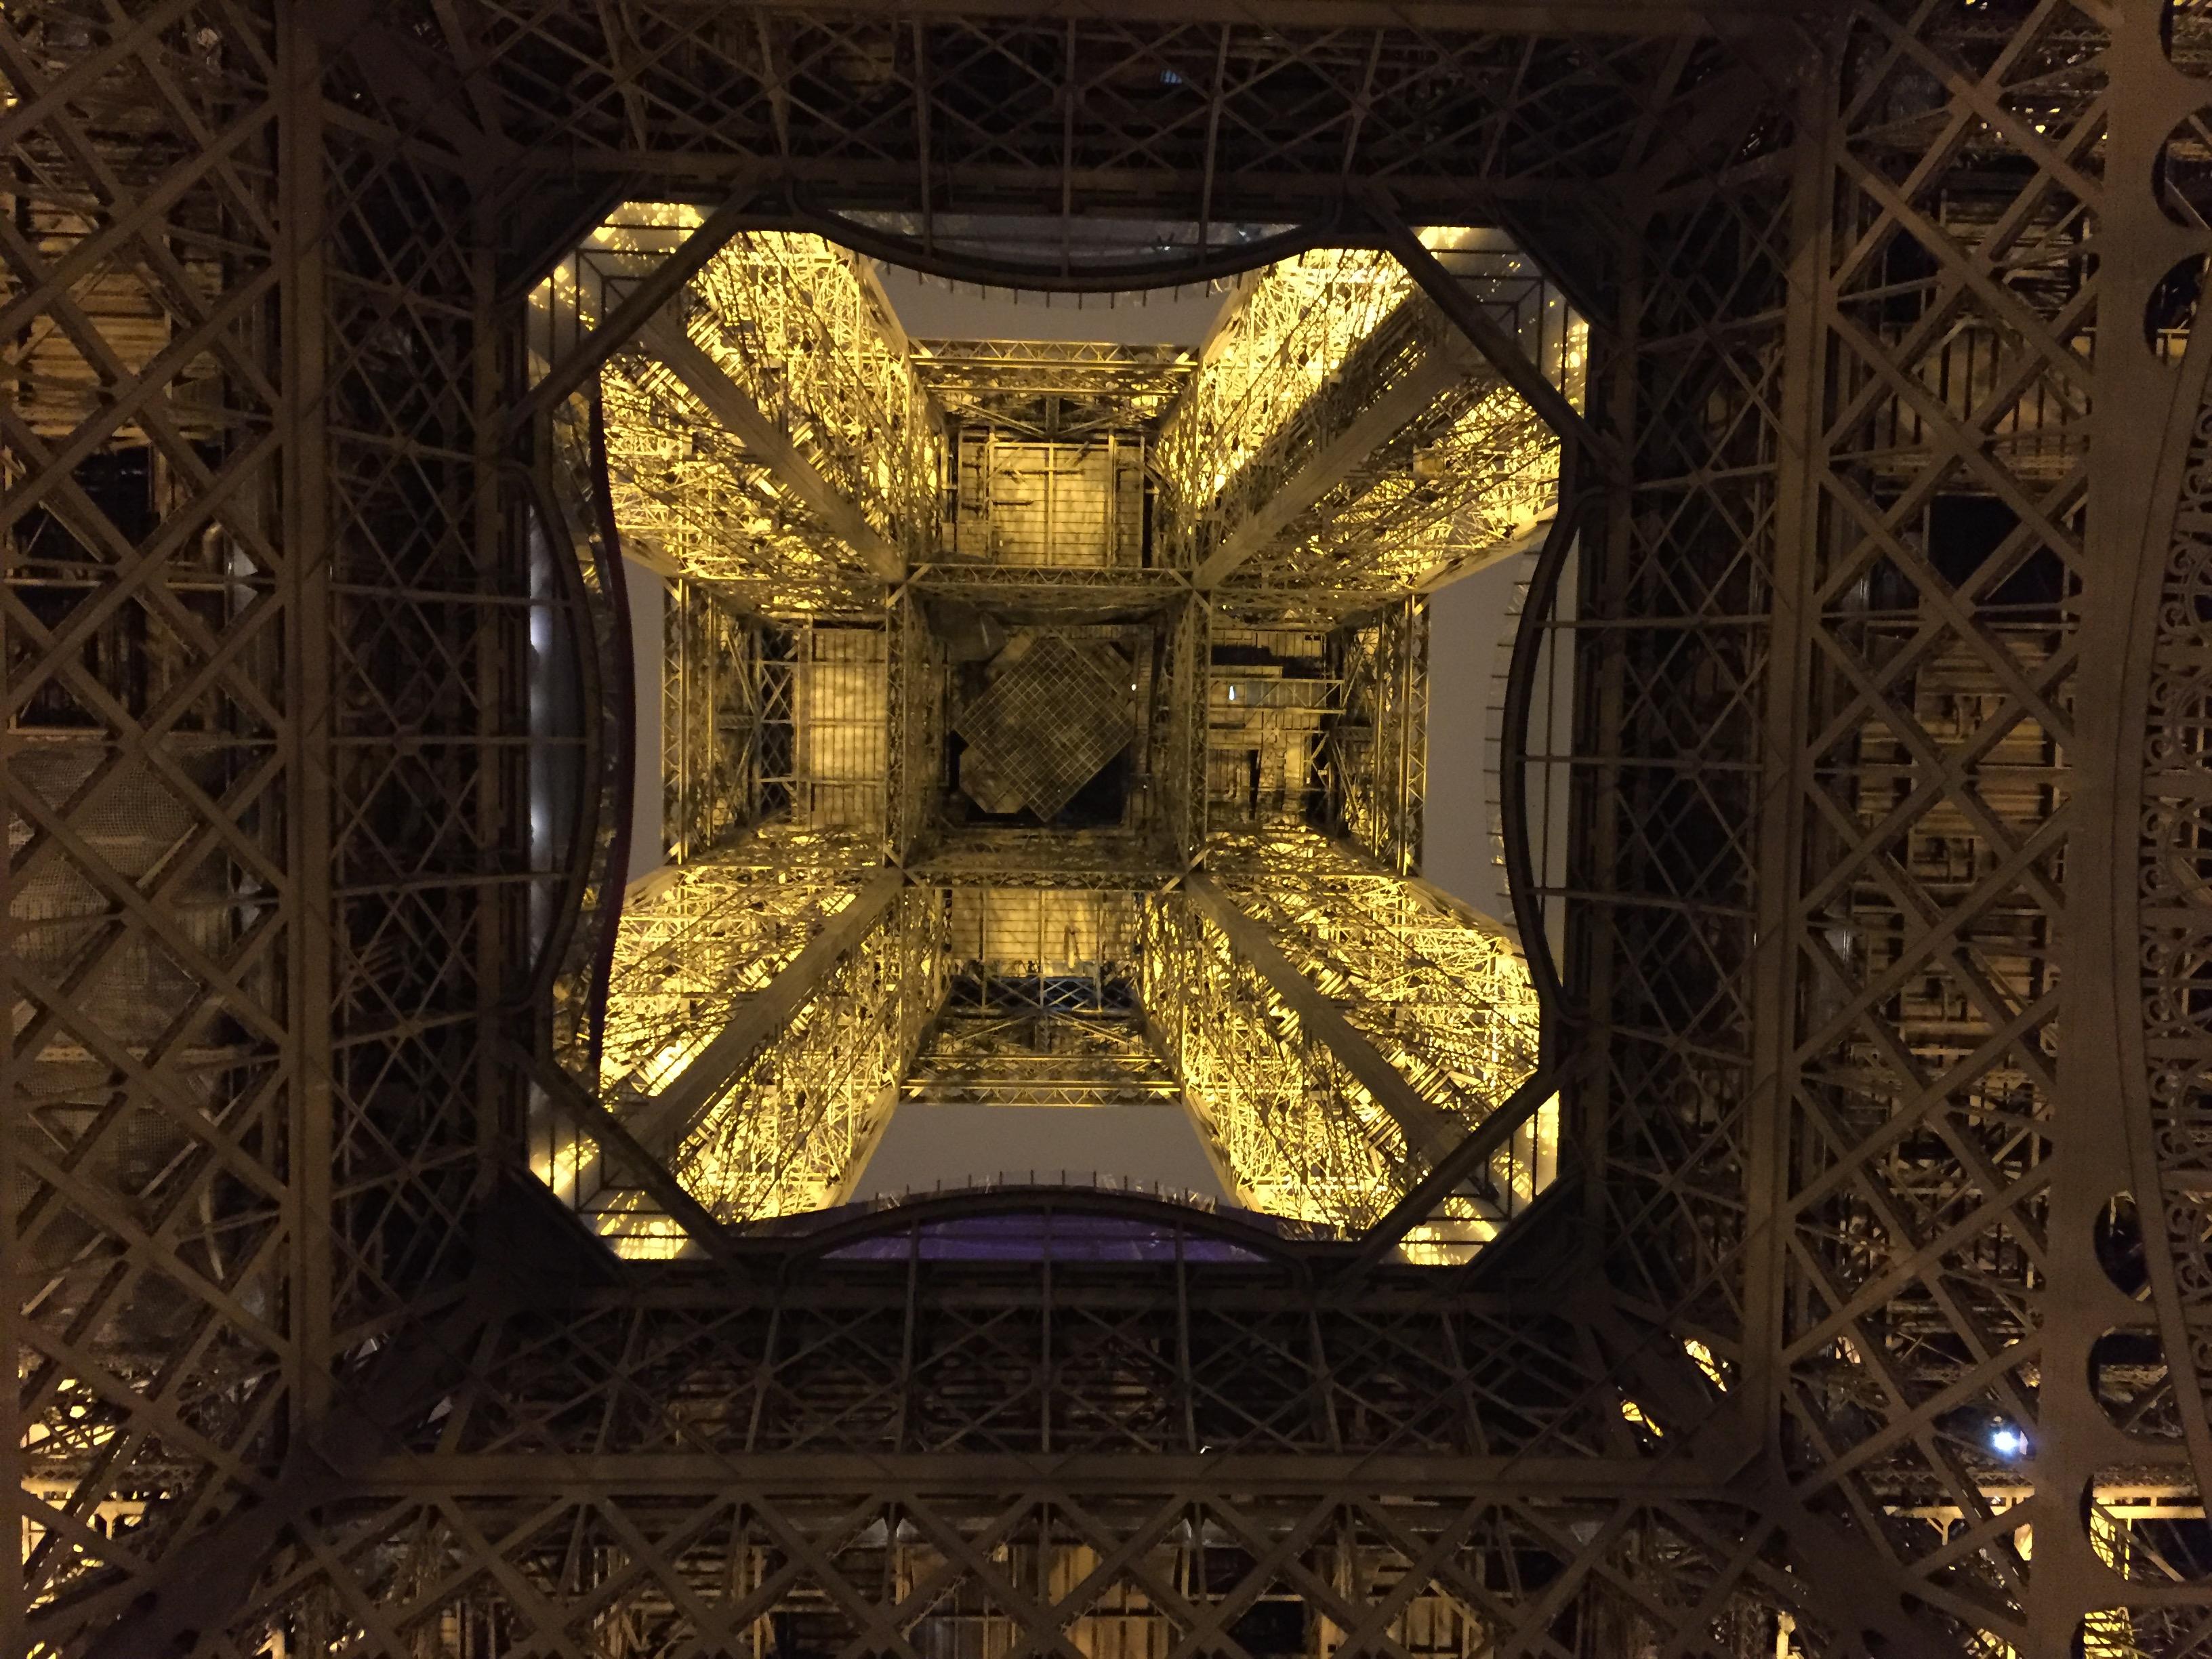 L'arrivée de l'Ecotrail 80km: le 1er étage de la Tour Eiffel